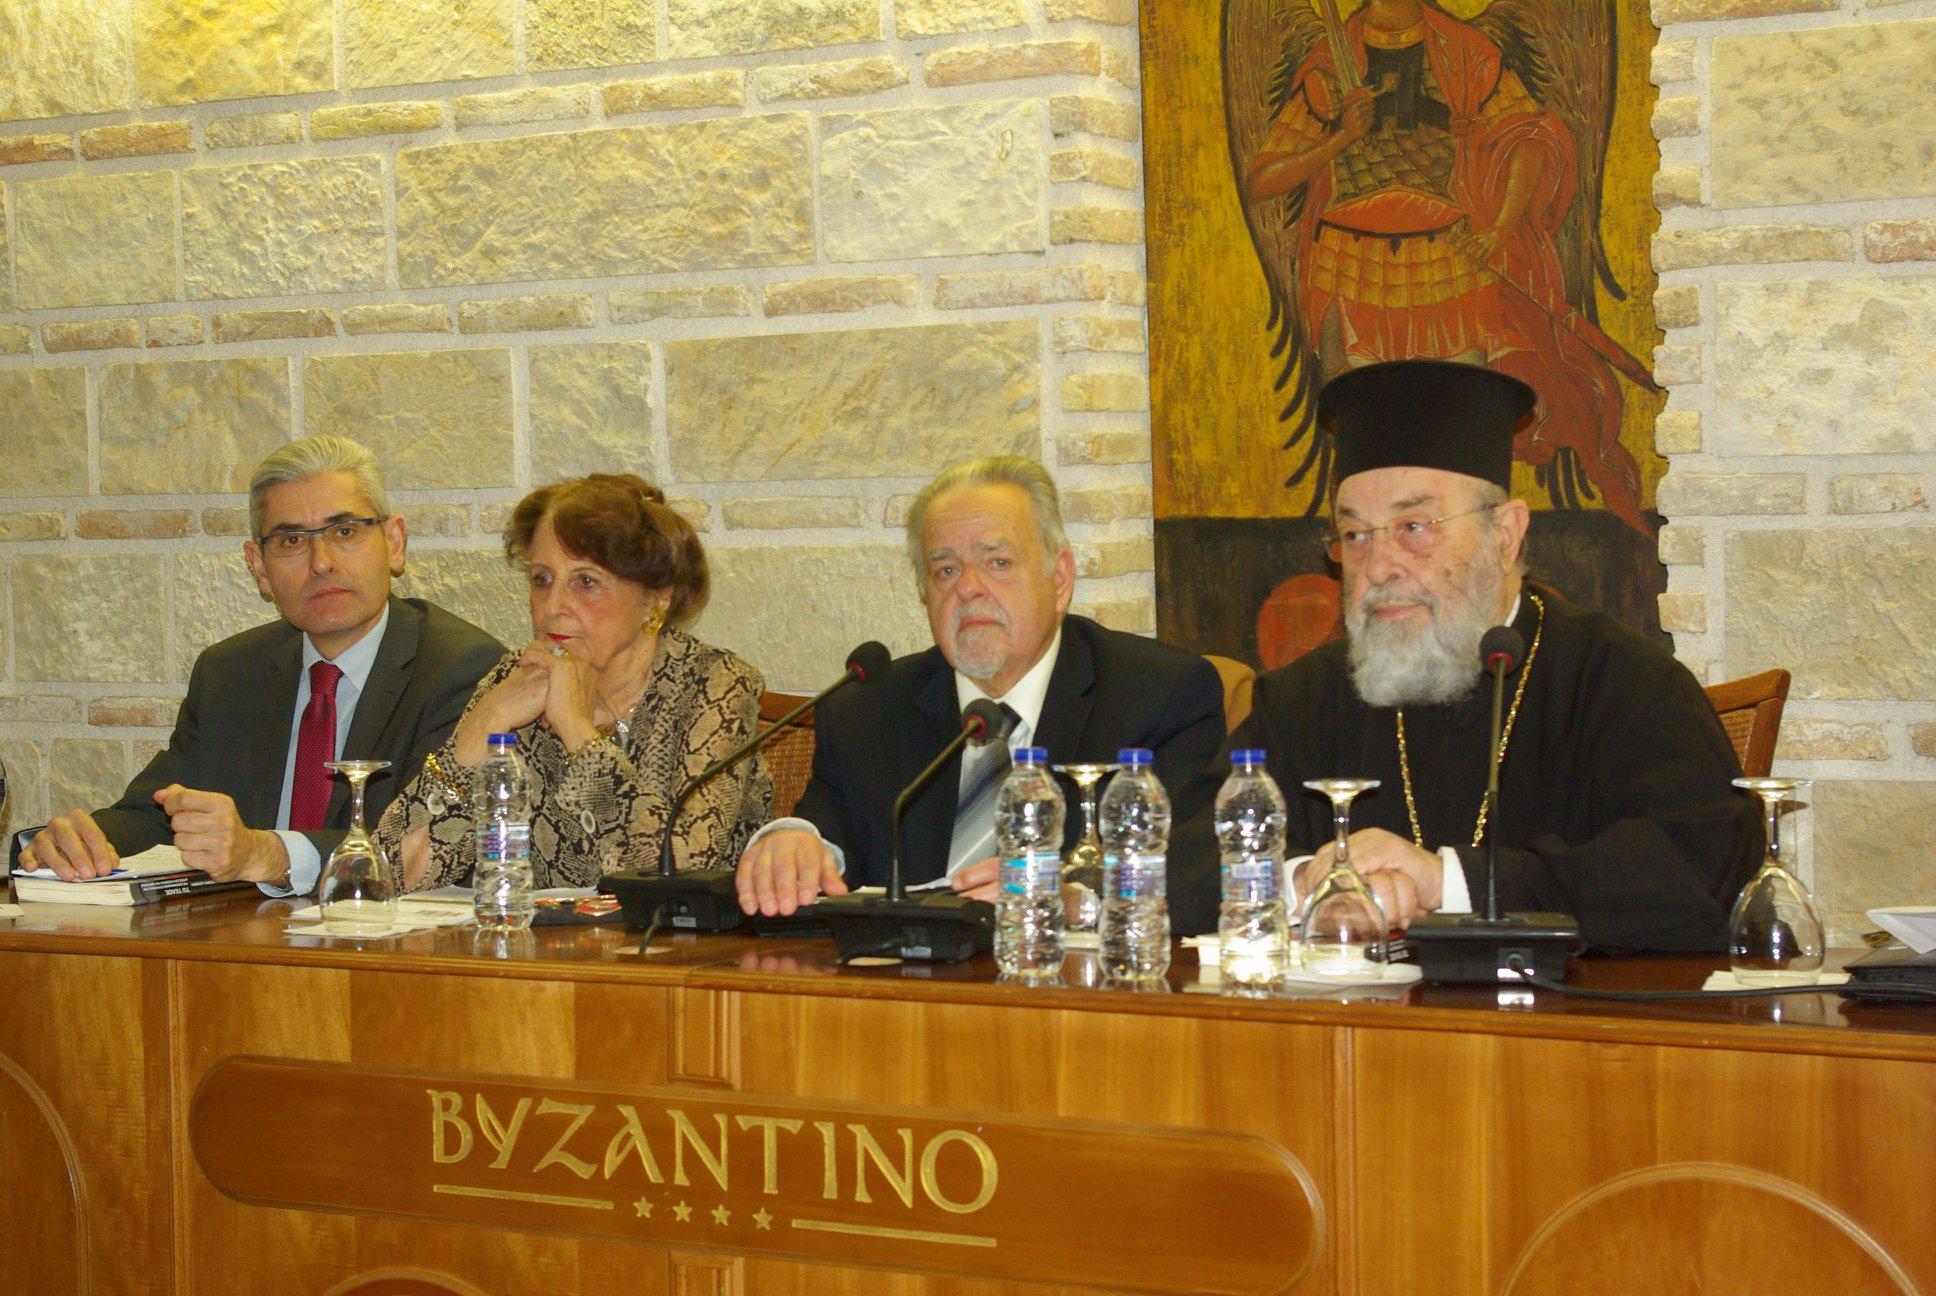 7 Πανελλήνιο Συνέδριο Της Πανελλήνιας Γηριατρικής –Γεροντολογικής Εταιρείας